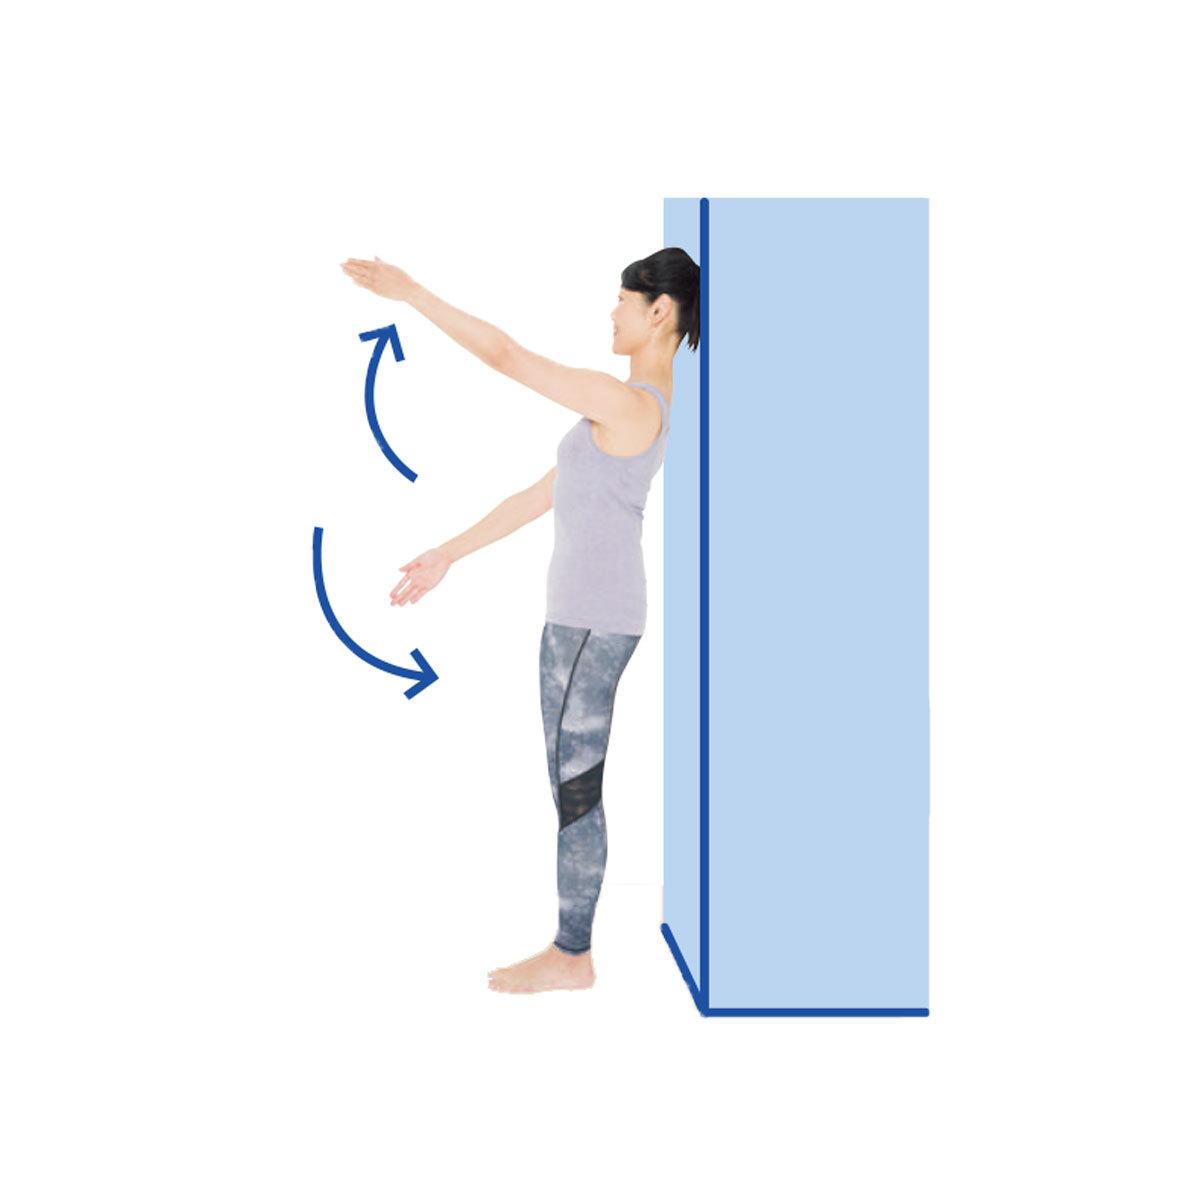 気づいたら即、実践できる「頭を正しい位置に戻す」エクササイズ【キレイになる活】_1_3-4